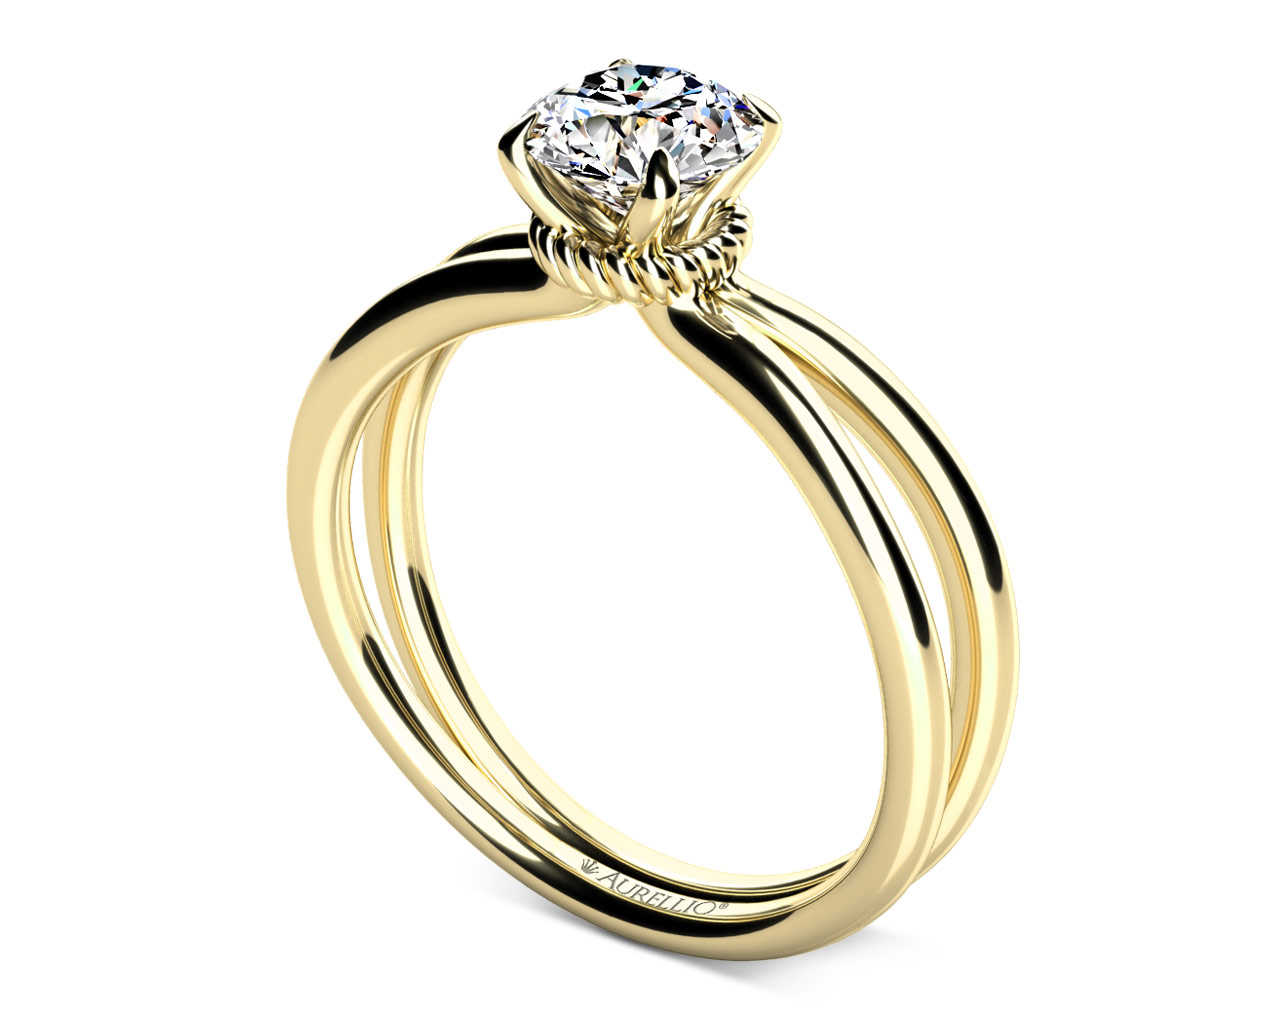 Zásnubní prsten - Souhvězdí Lev 1. fotka